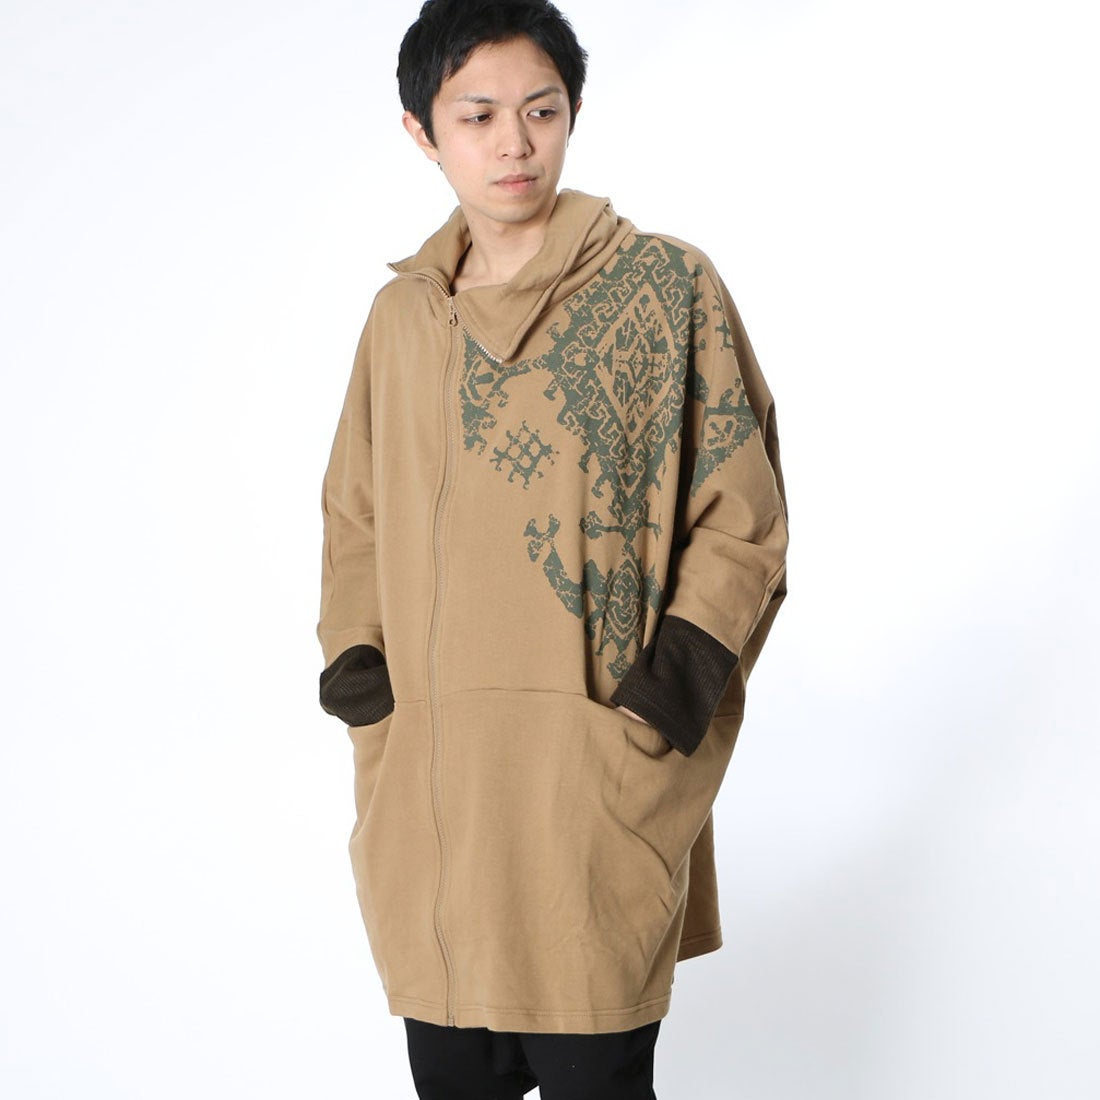 【チャイハネ】リブラスMEN'Sジャケット/カーディガンキャメル